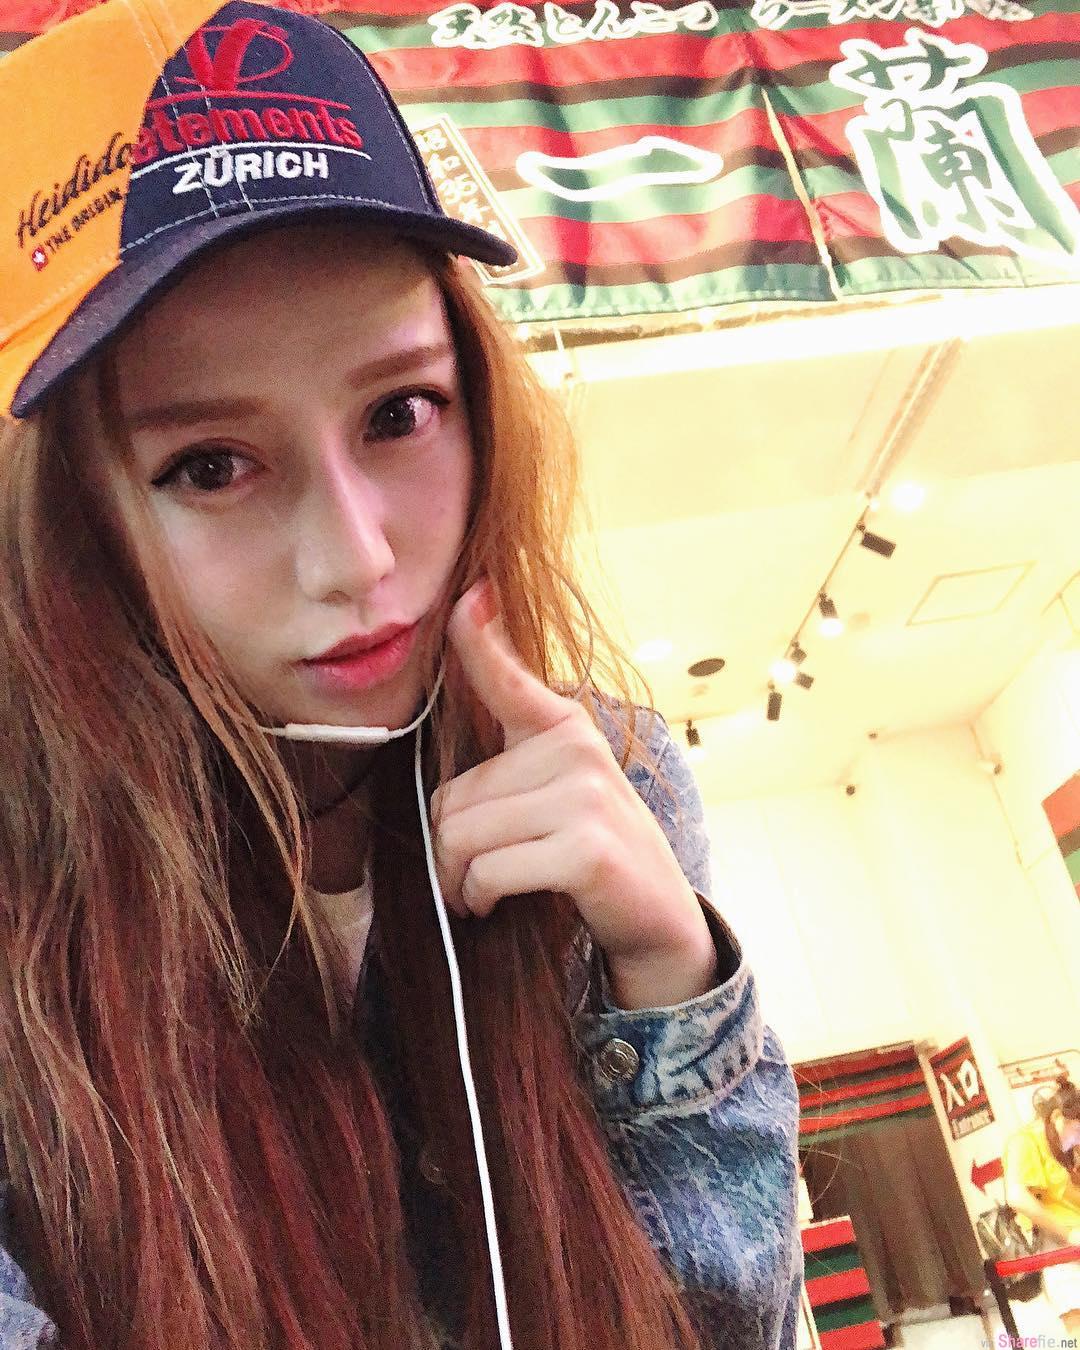 SOD都是真的?台湾爆乳正妹到日本泡温泉,网友:拍AV!拍AV!